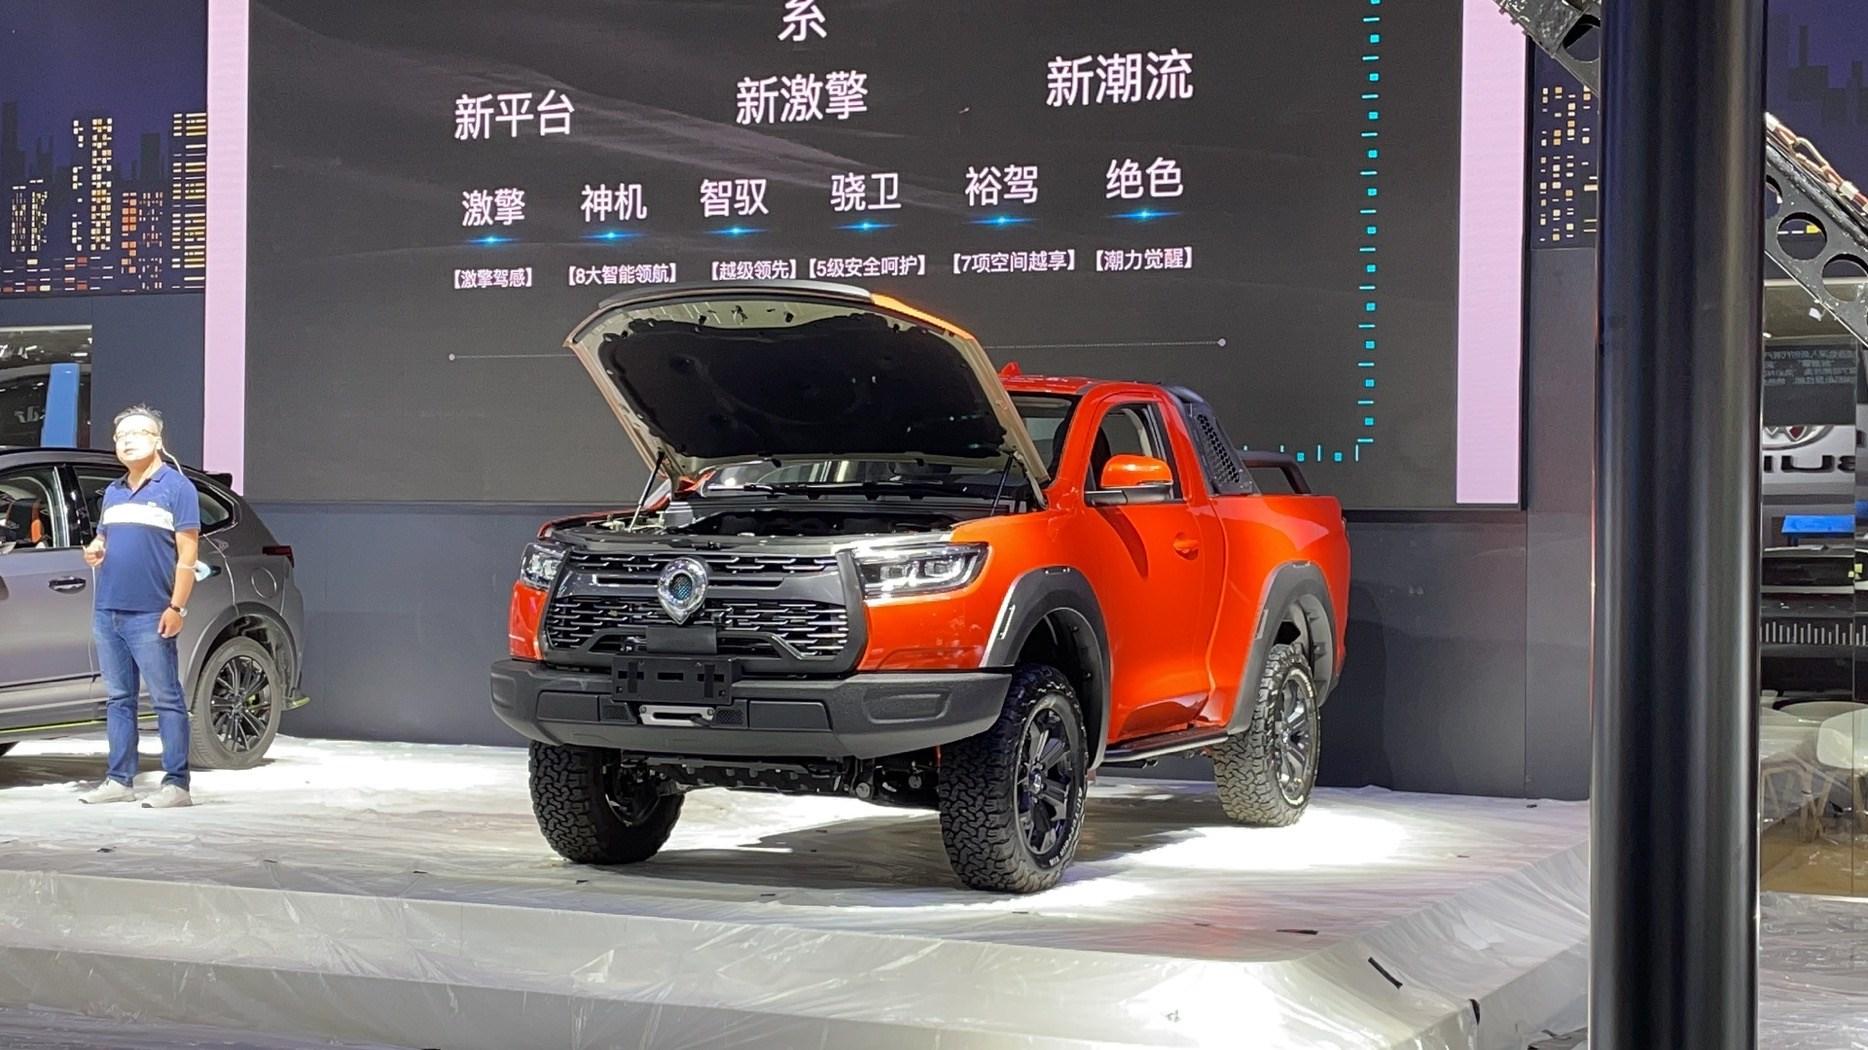 2021重庆车展探馆 | 预售价17.98万元 长城火炮亮相车展现场